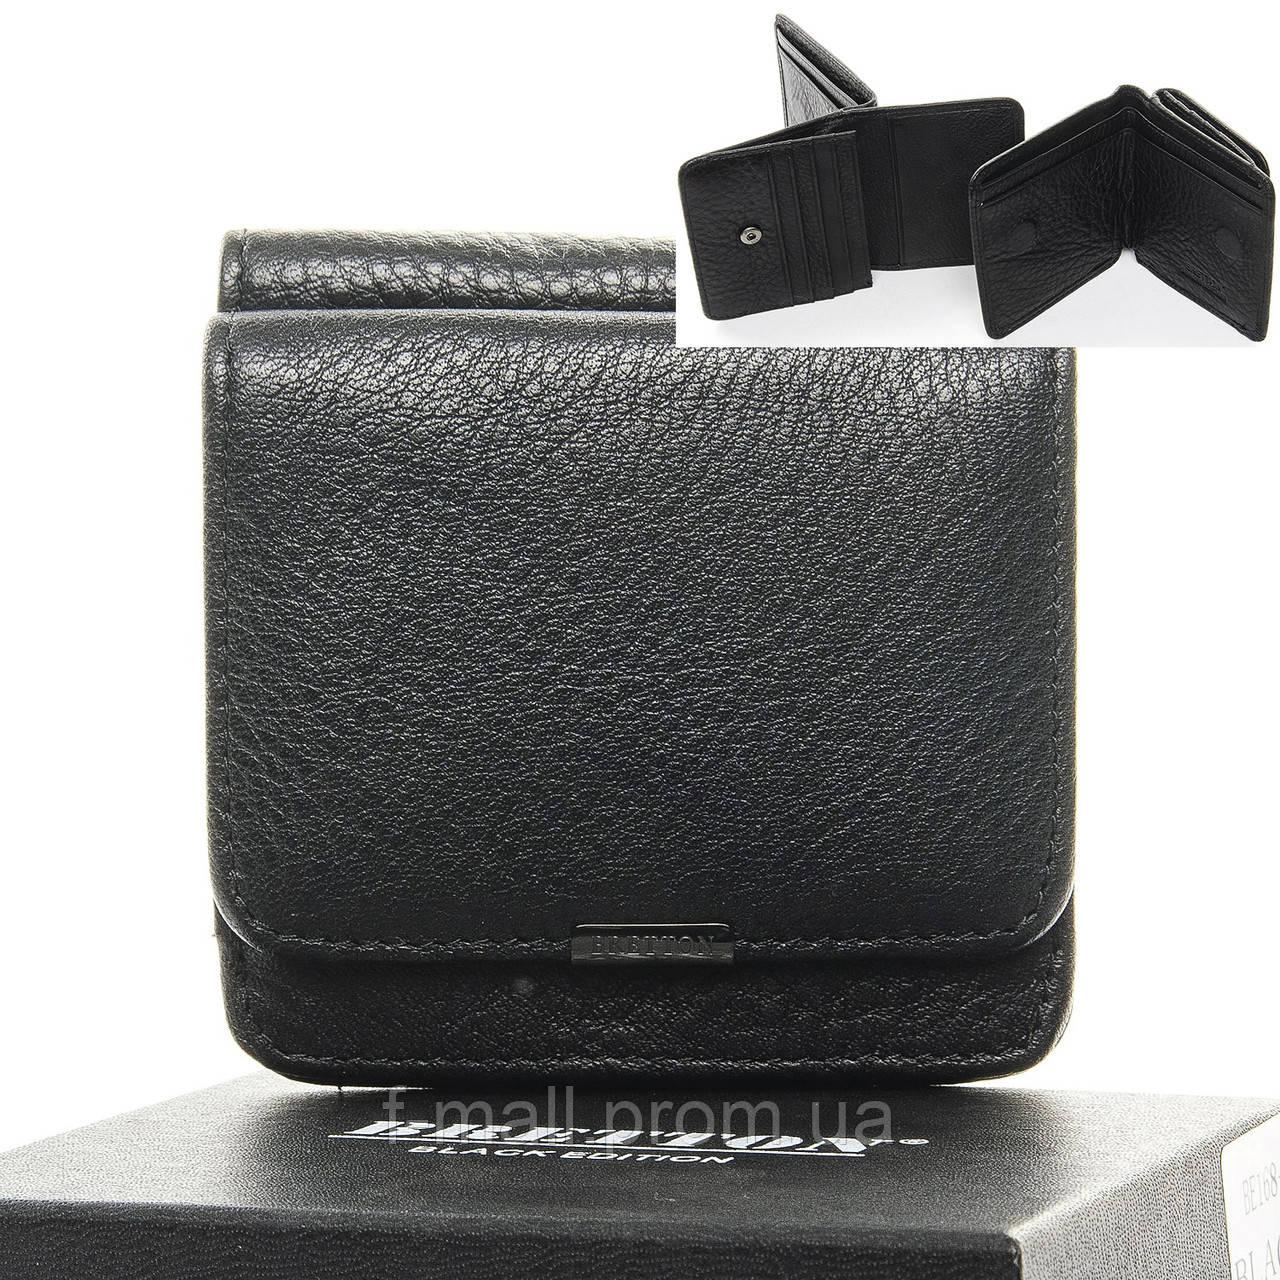 Кошелек мужской кожаный BRETTON черный (05-114)